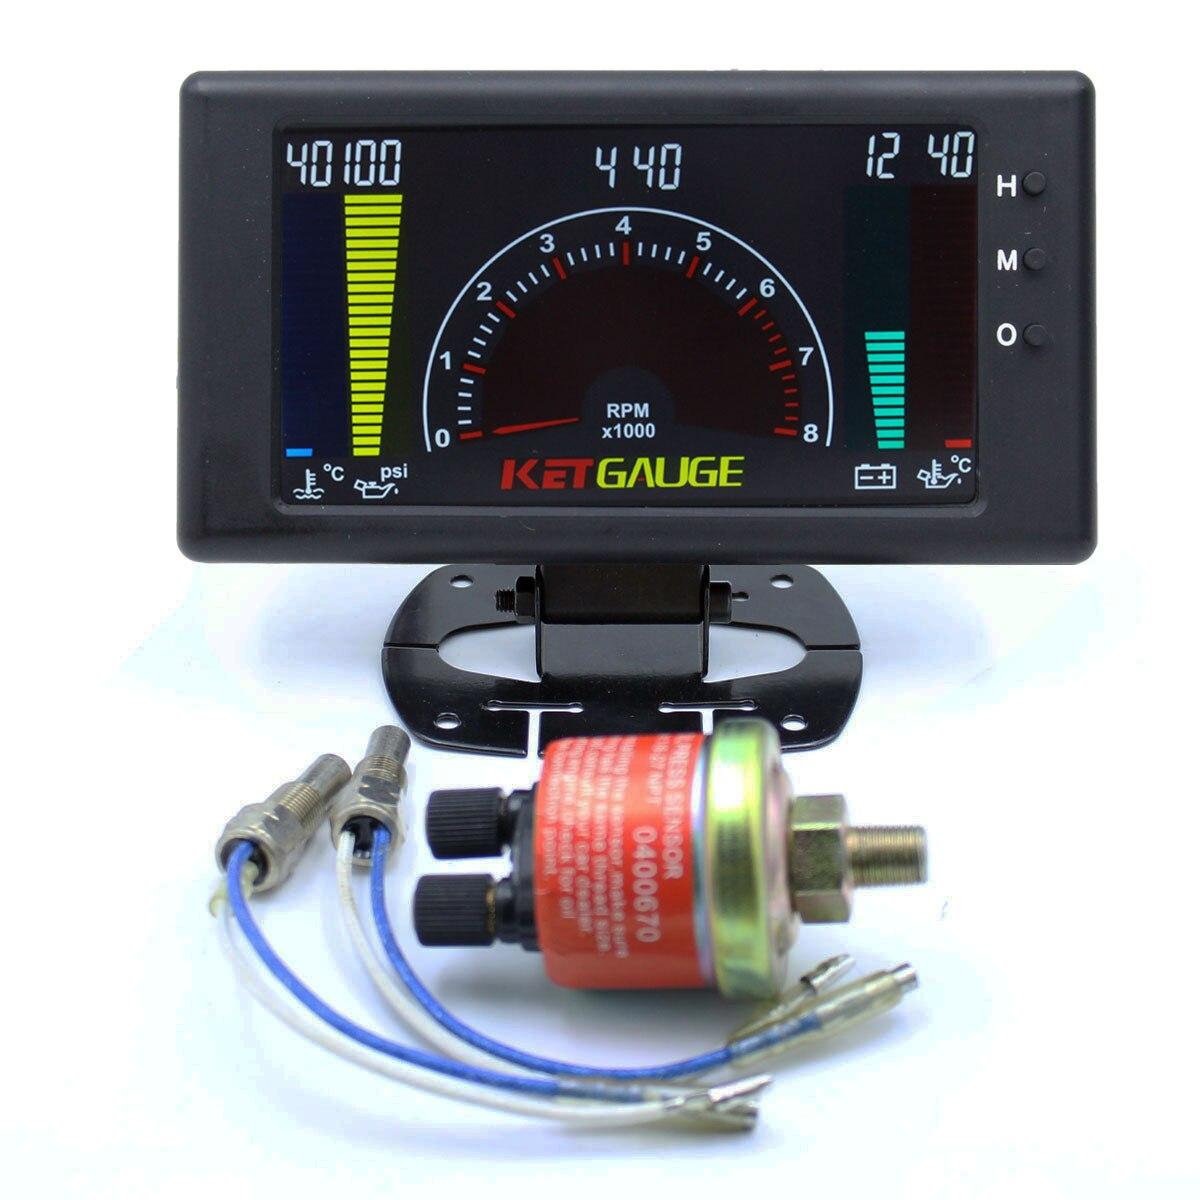 6 en 1 LCD voiture jauge numérique pression d'huile tension température de l'eau température de l'huile temps tachymètre tacometro rpm compteur jauge